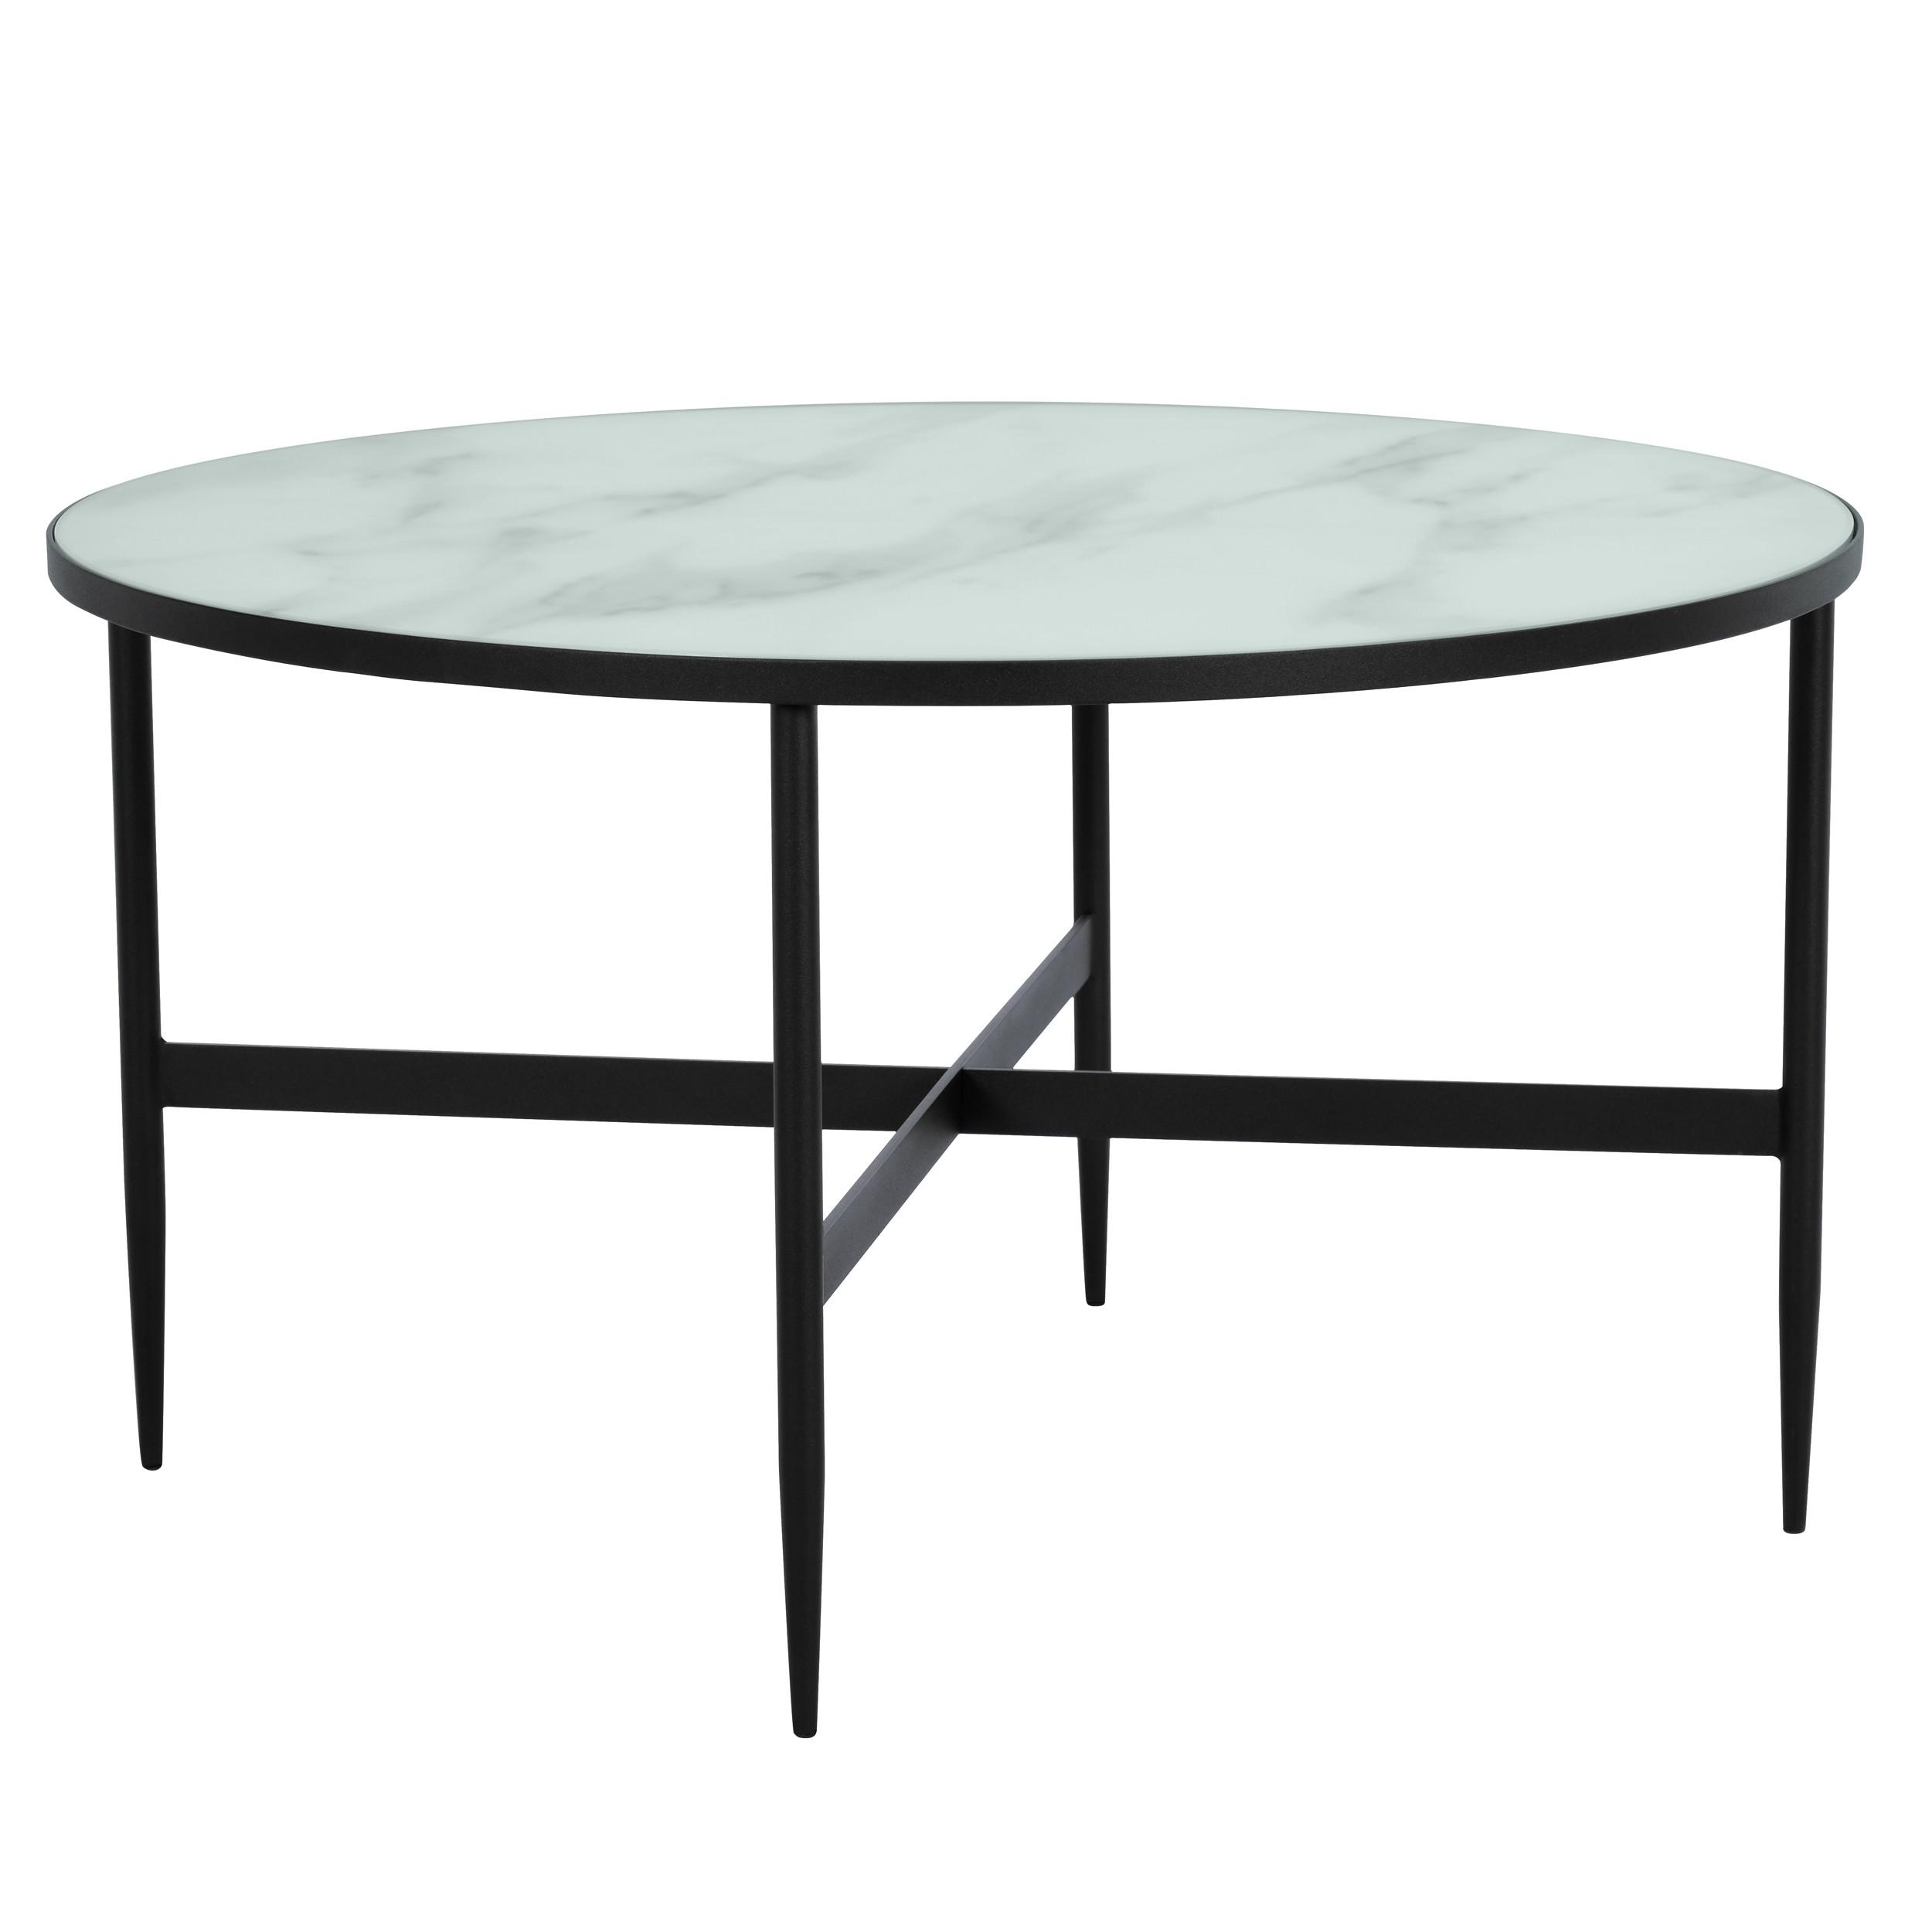 Table basse ronde alaska effet marbre et m tal noir 80 cm - Table haute et basse ...